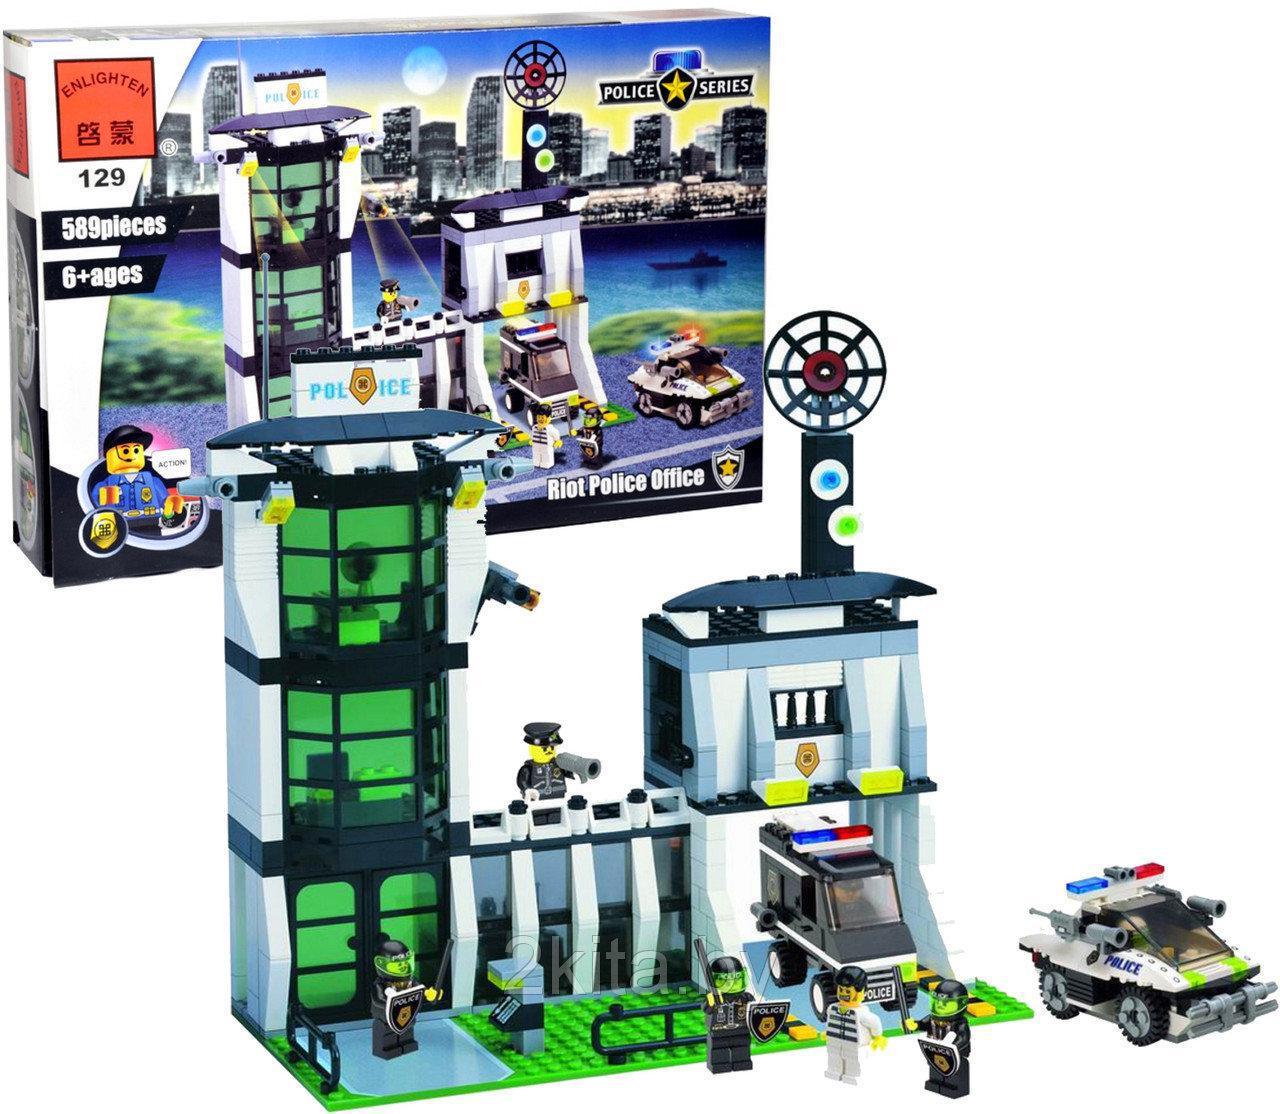 Конструктор Brick Поліцейский участок 129, 589 елементів, в коробці